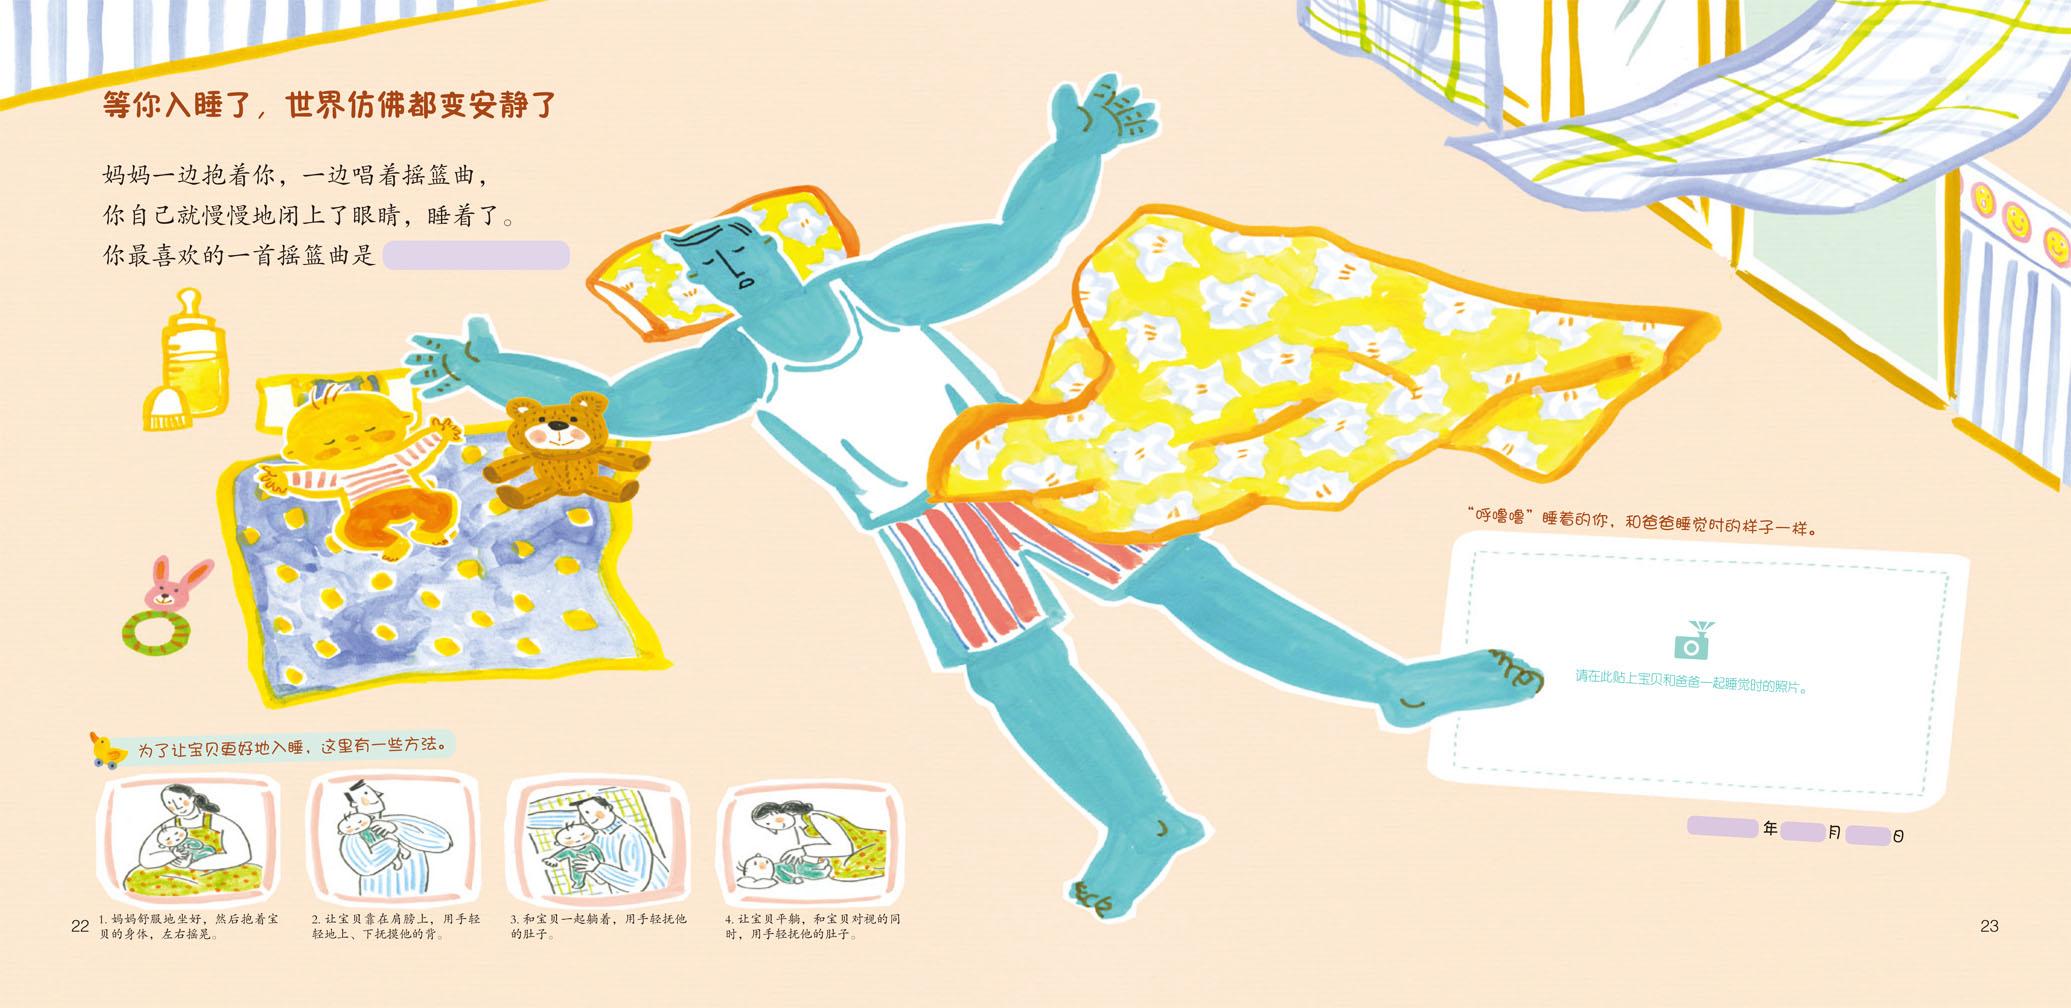 【正版】韩国手绘宝宝成长记录册(0—1岁)赠送精美澳贝玩具斑马摇.